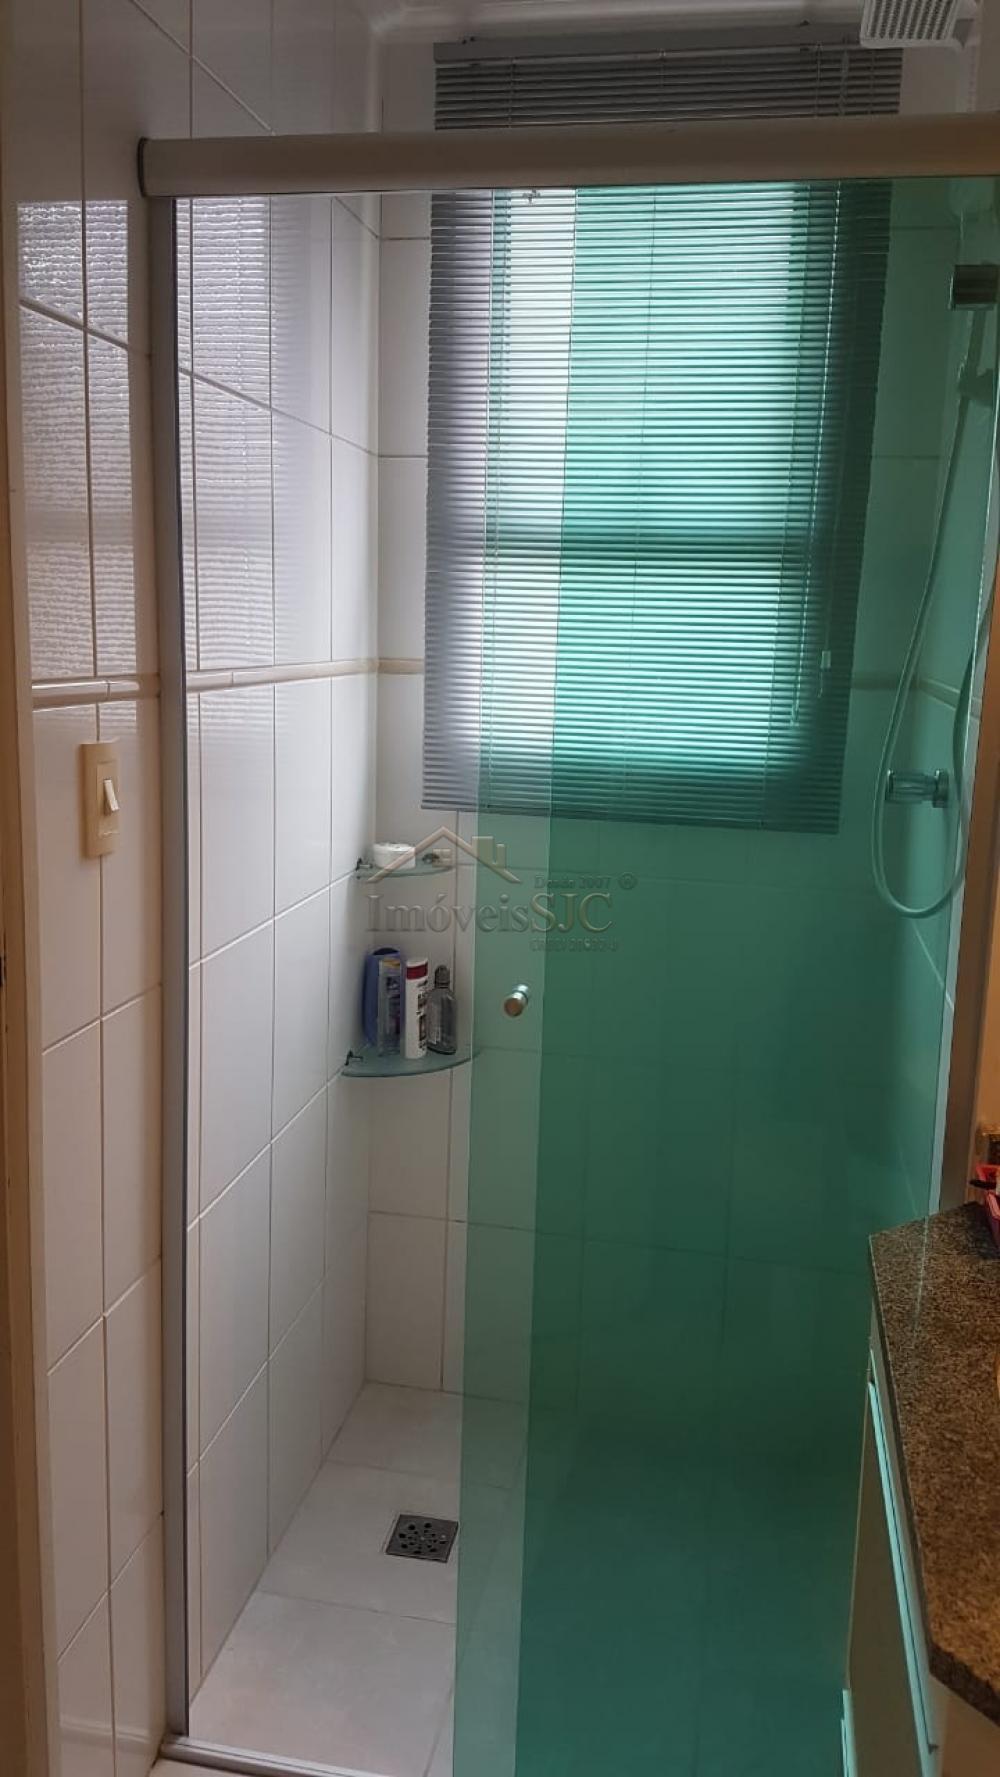 Comprar Apartamentos / Padrão em São José dos Campos apenas R$ 385.000,00 - Foto 12